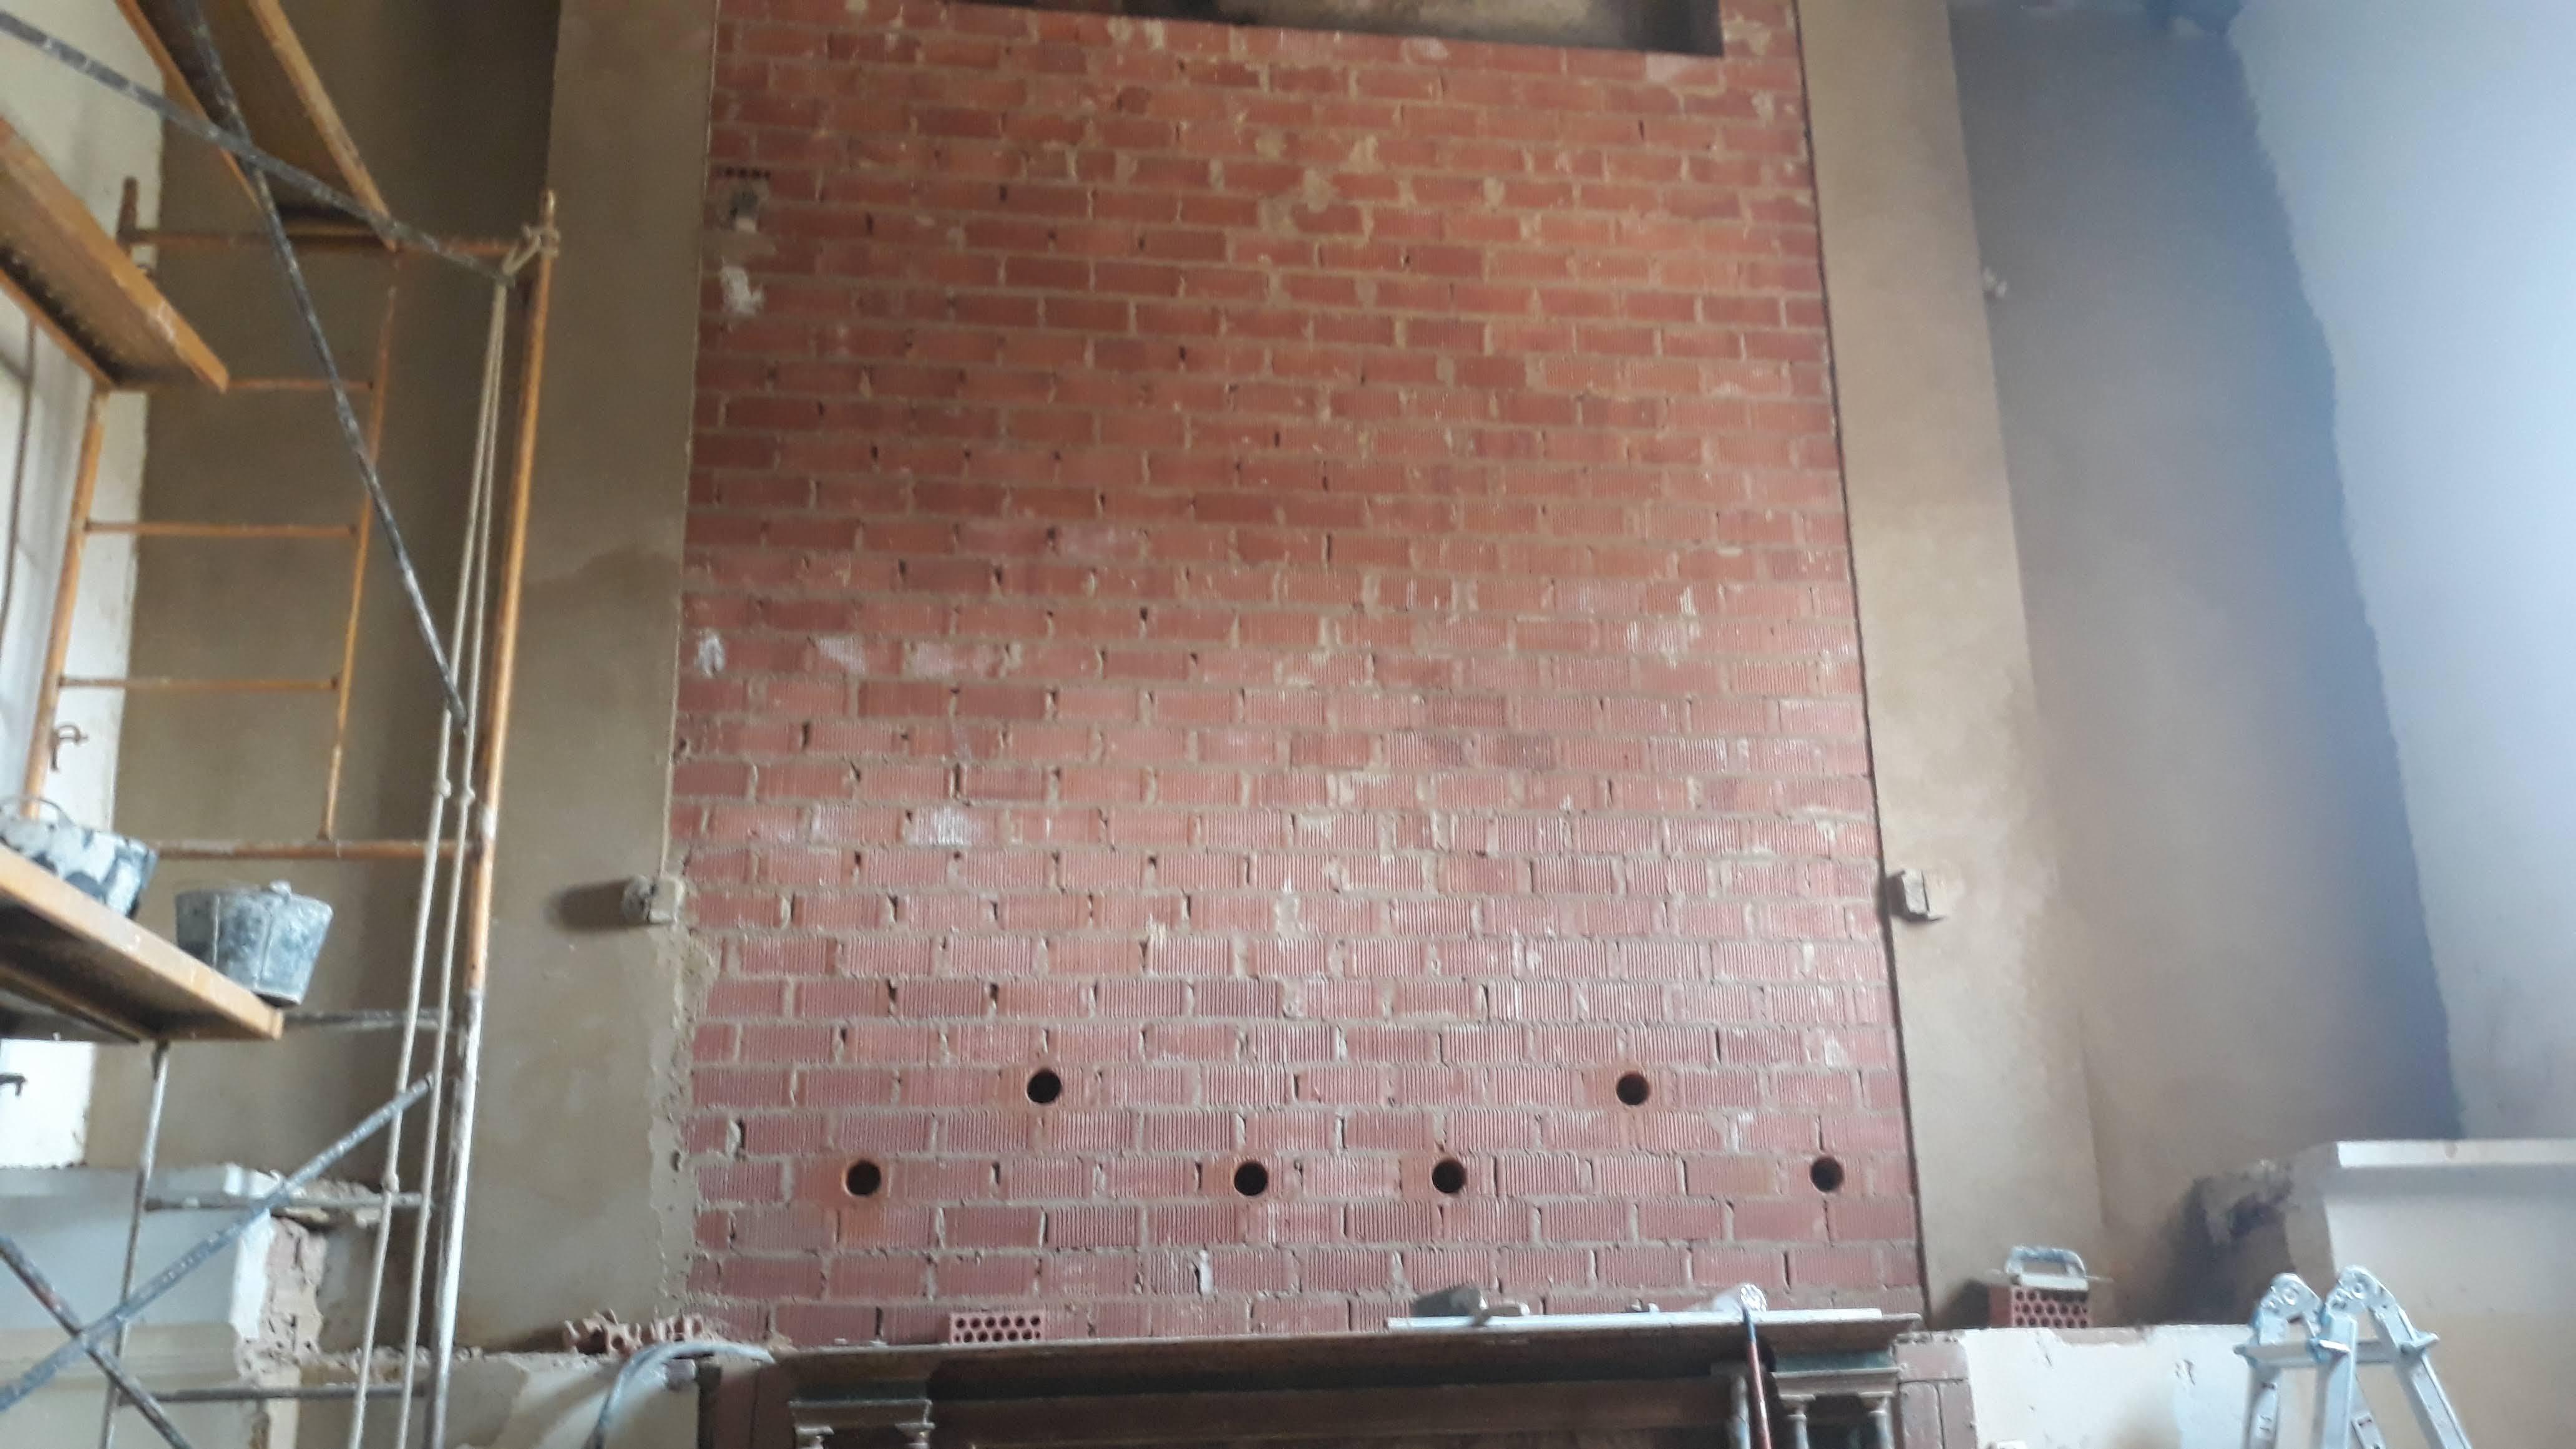 Reparación del muro de la casbecera (foto Ramón de lav Poza).